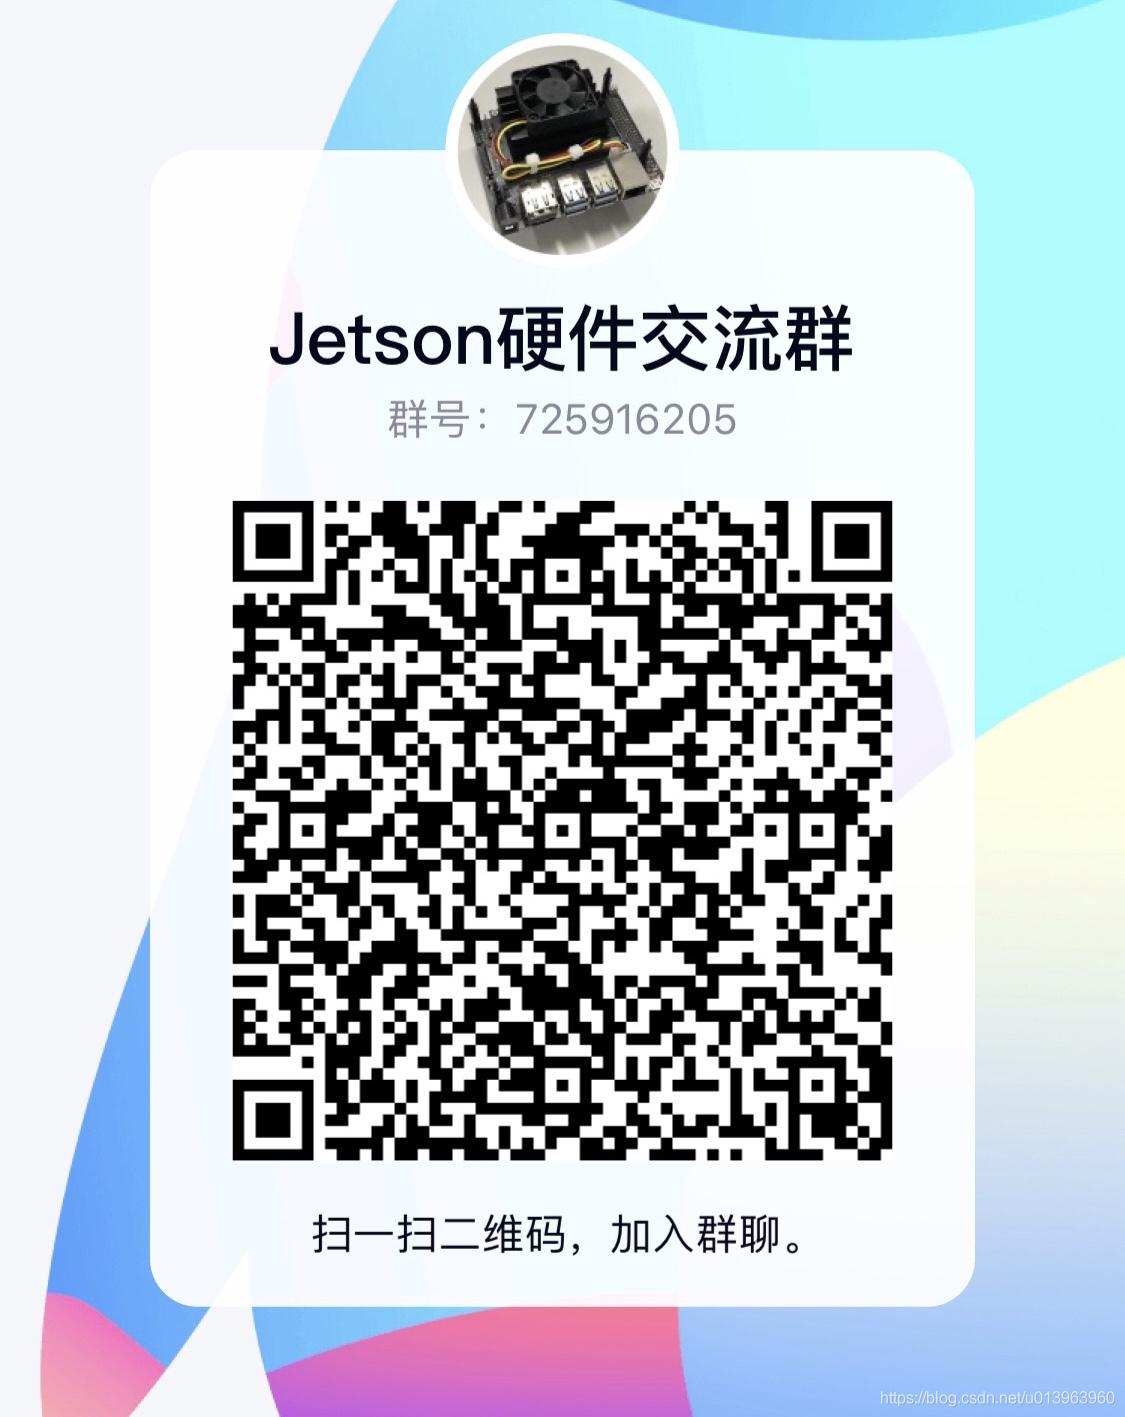 带你玩转Jetson Xavier NX系列教程  | Xavier NX刷机教程人工智能王向阳的博客-